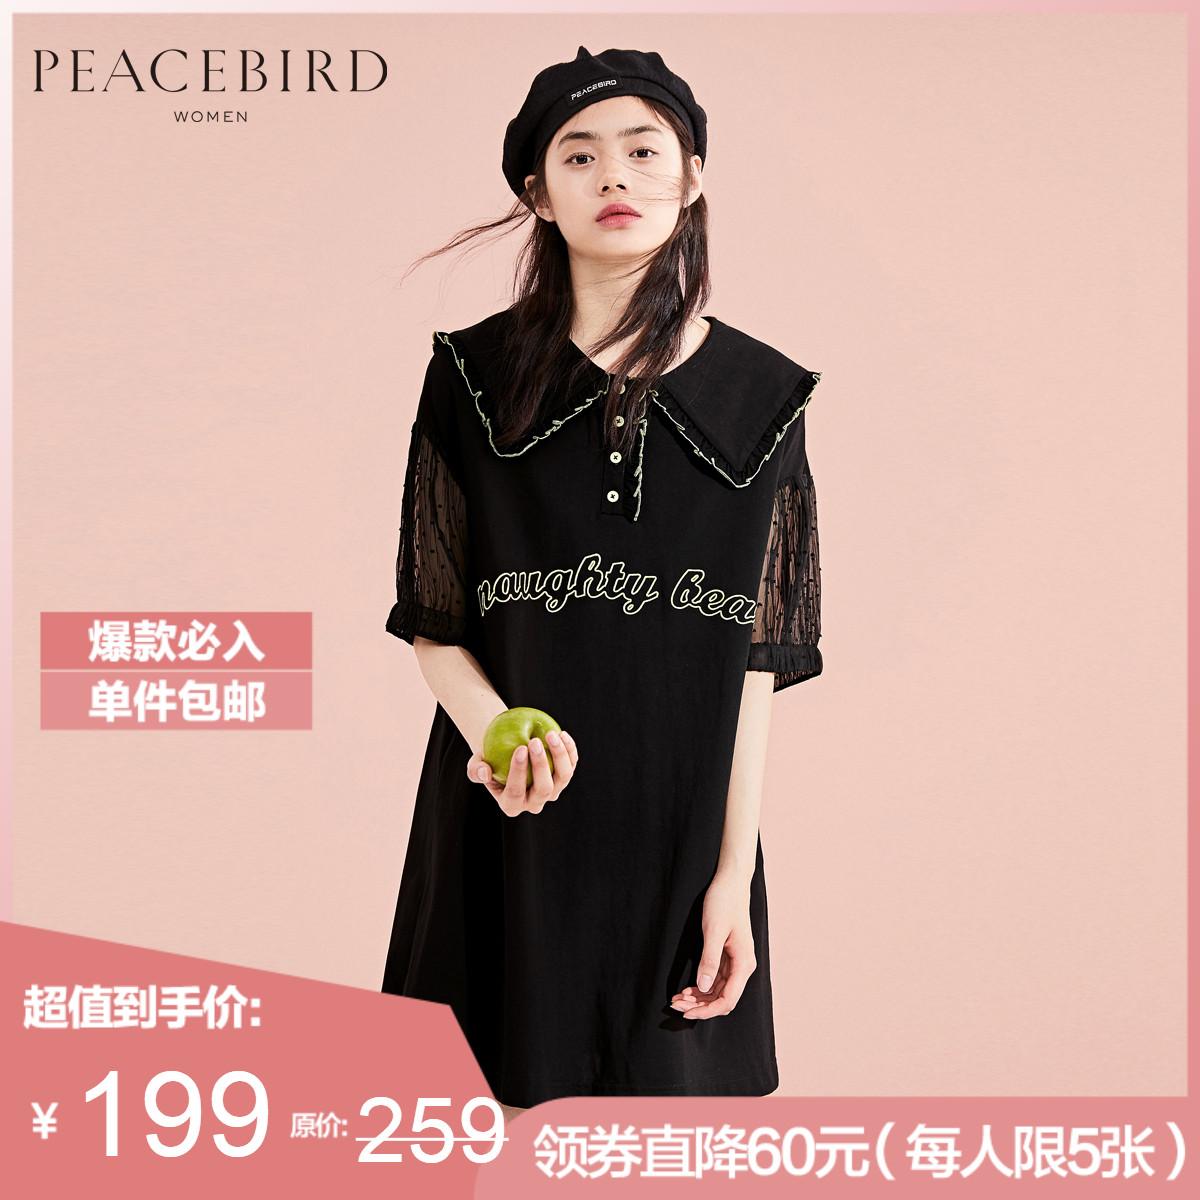 黑色连衣裙2019新款夏海军领娃娃领智熏裙法式桔梗裙显瘦太平鸟裙